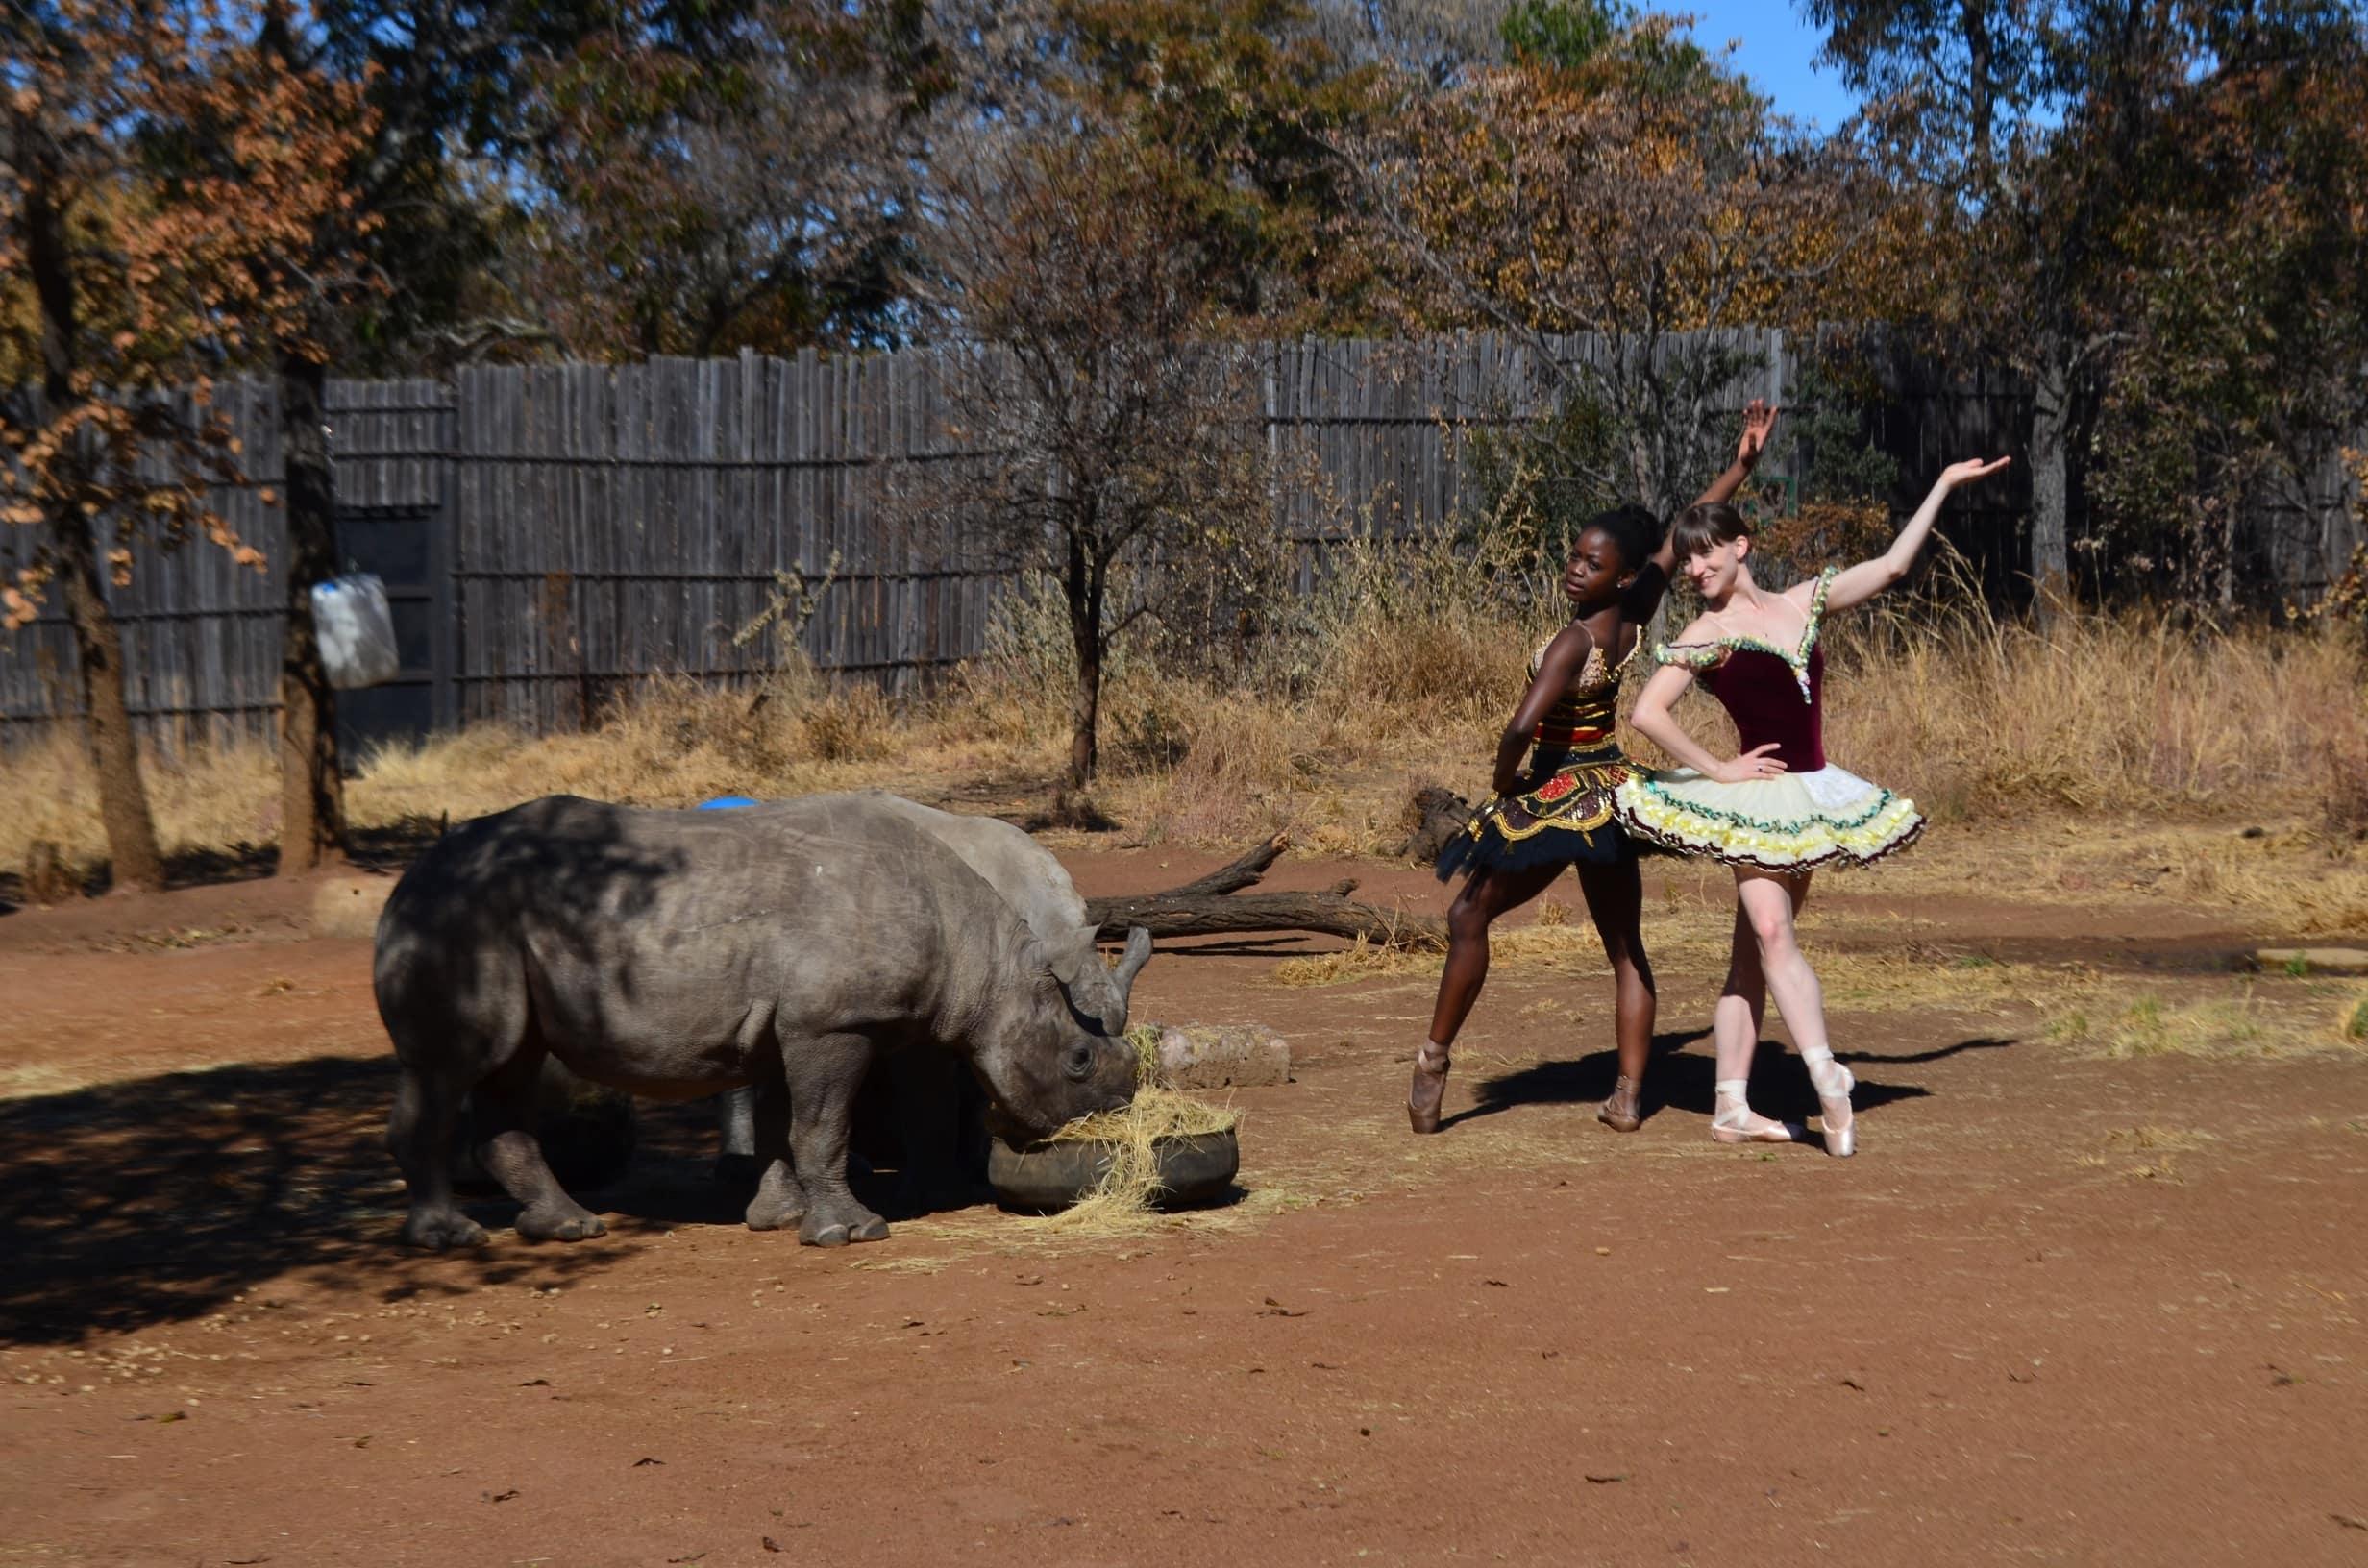 ballet-rhinoceros-afrique-du-sud-decouverte